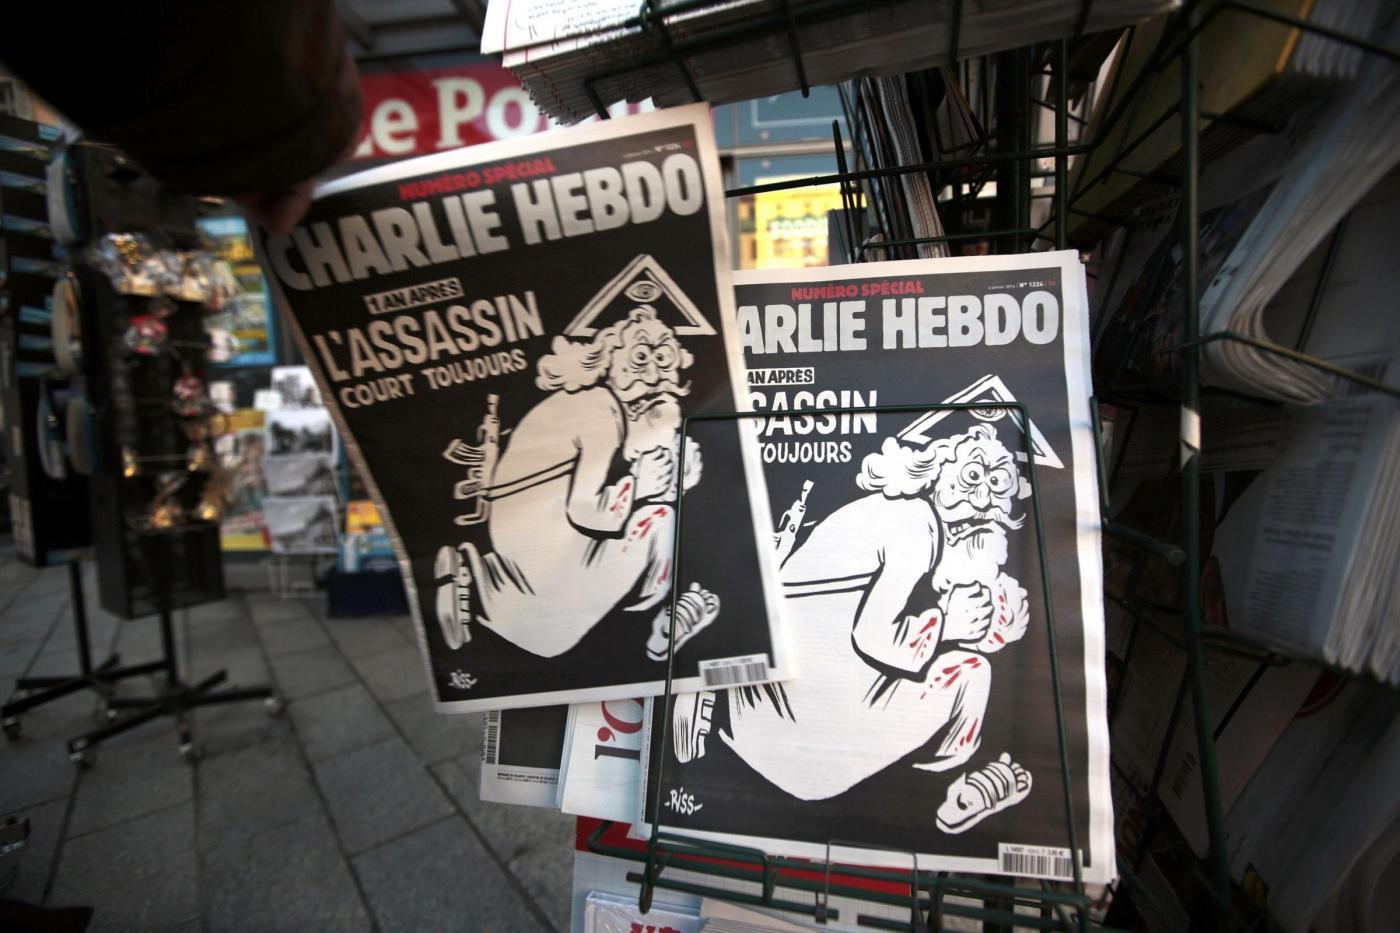 Strage di Charlie Hebdo, com'è cambiata la Francia in un anno?